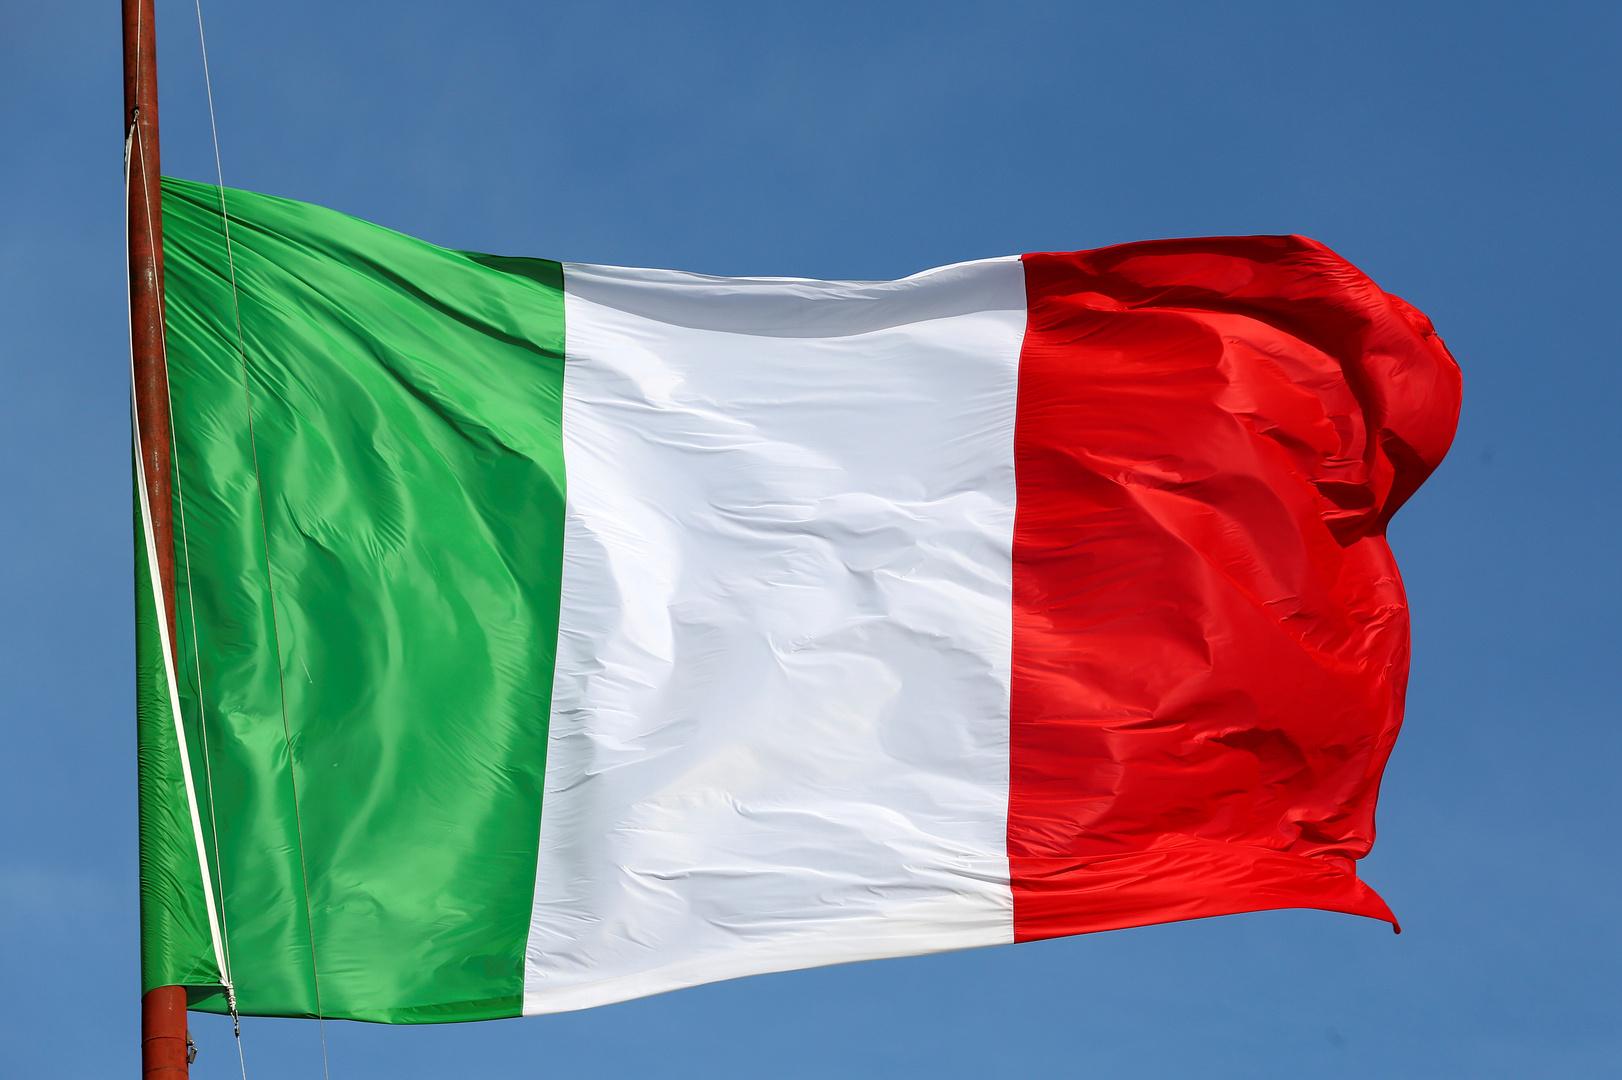 روما تطرد دبلوماسيين روسيين وموسكو تتوعد بالرد